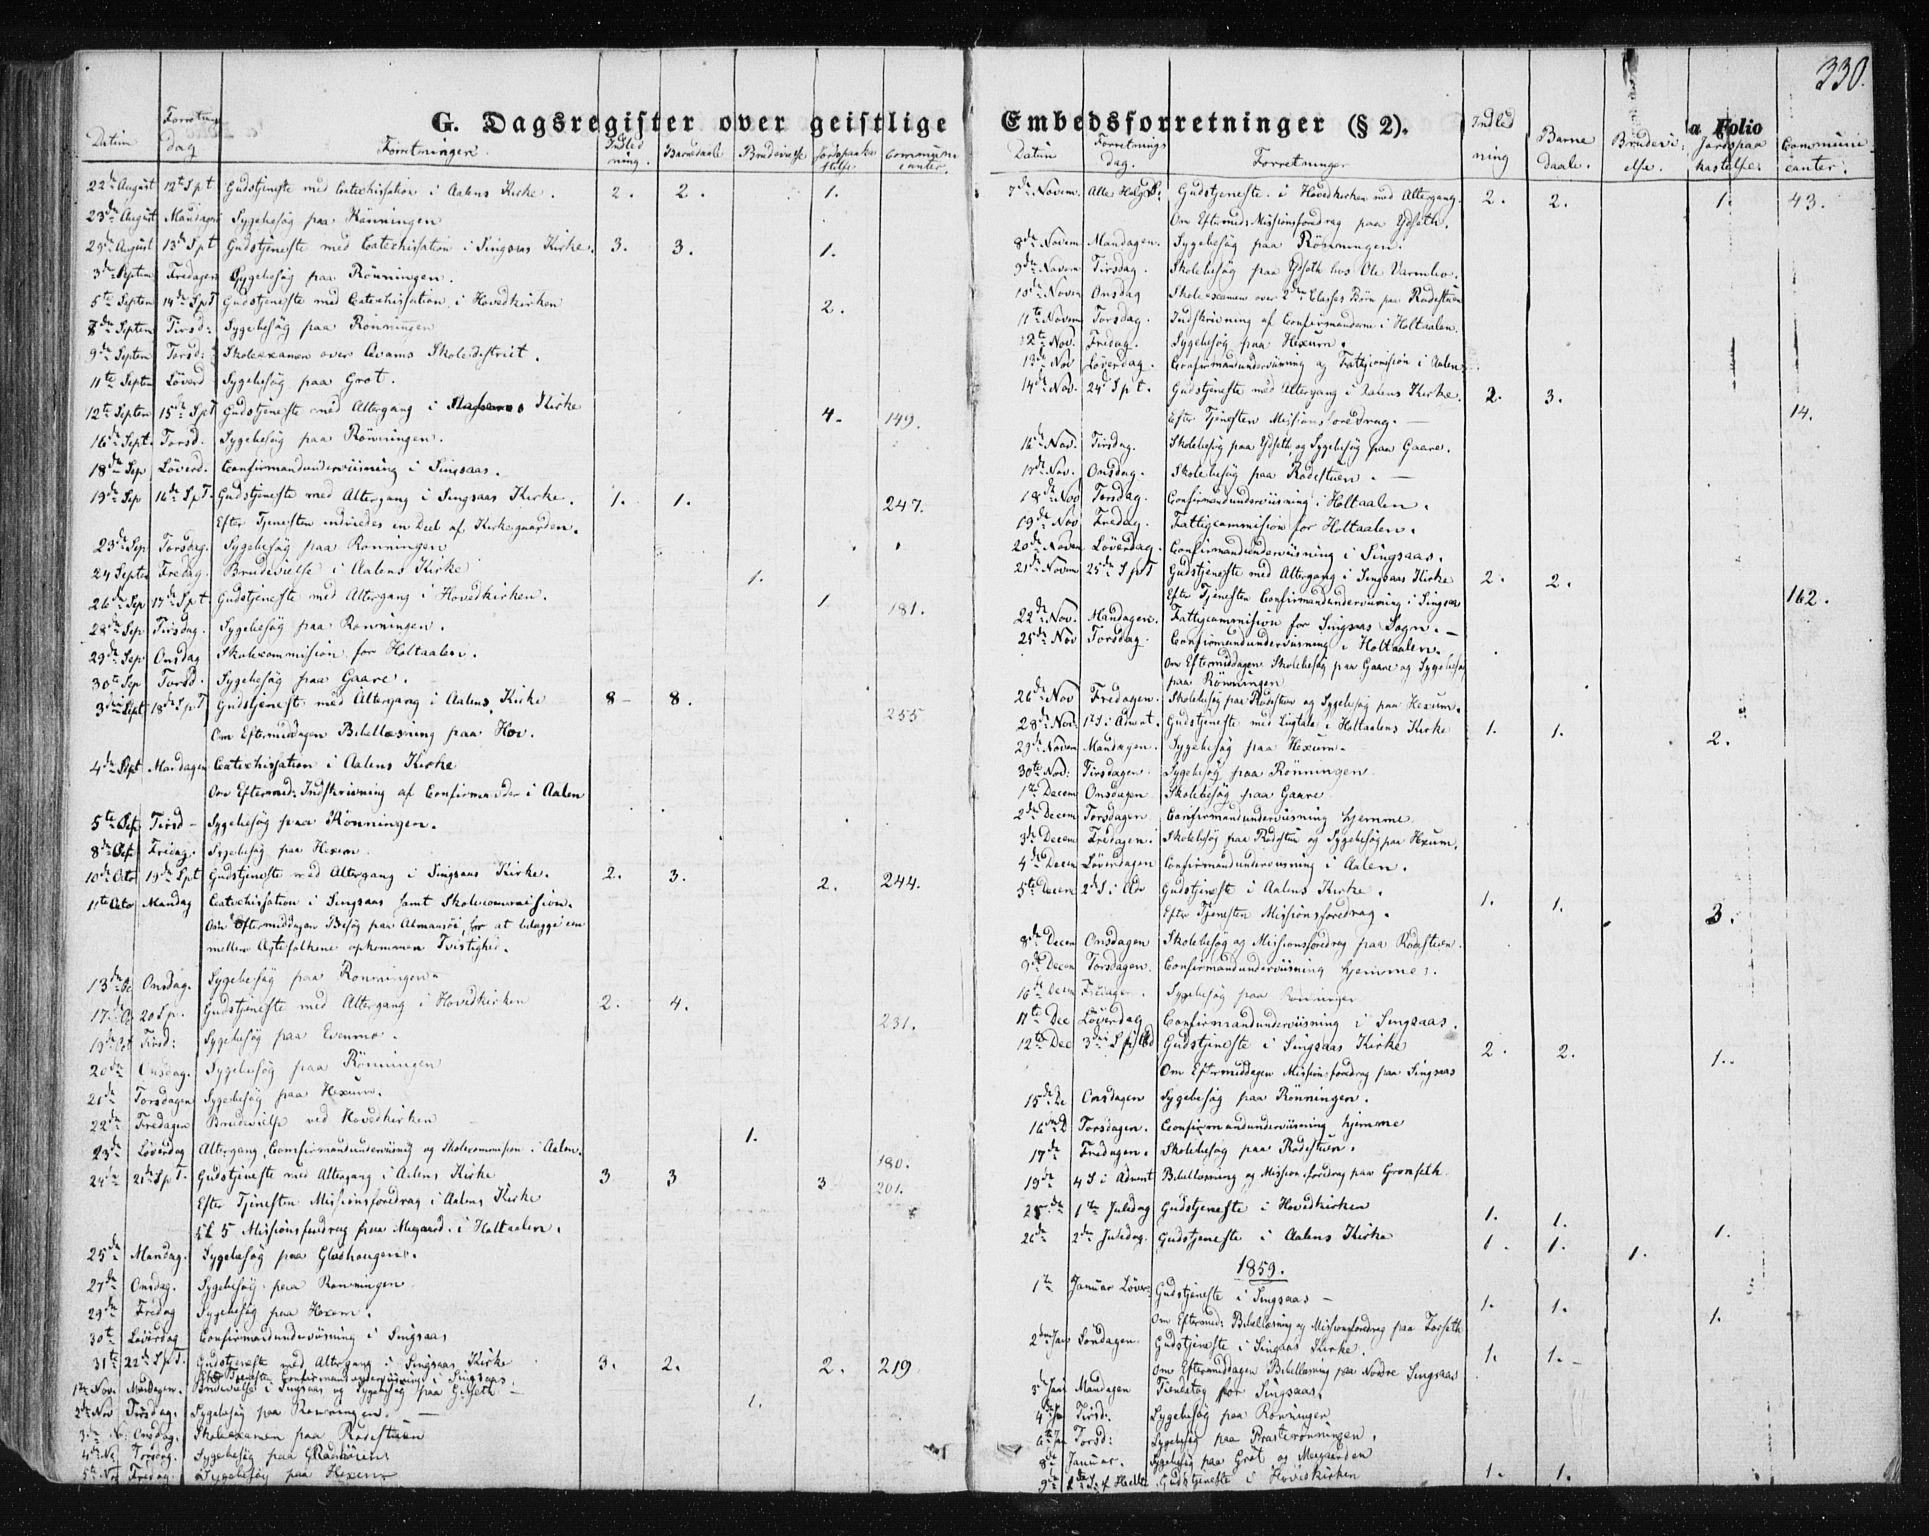 SAT, Ministerialprotokoller, klokkerbøker og fødselsregistre - Sør-Trøndelag, 685/L0963: Ministerialbok nr. 685A06 /1, 1846-1859, s. 330